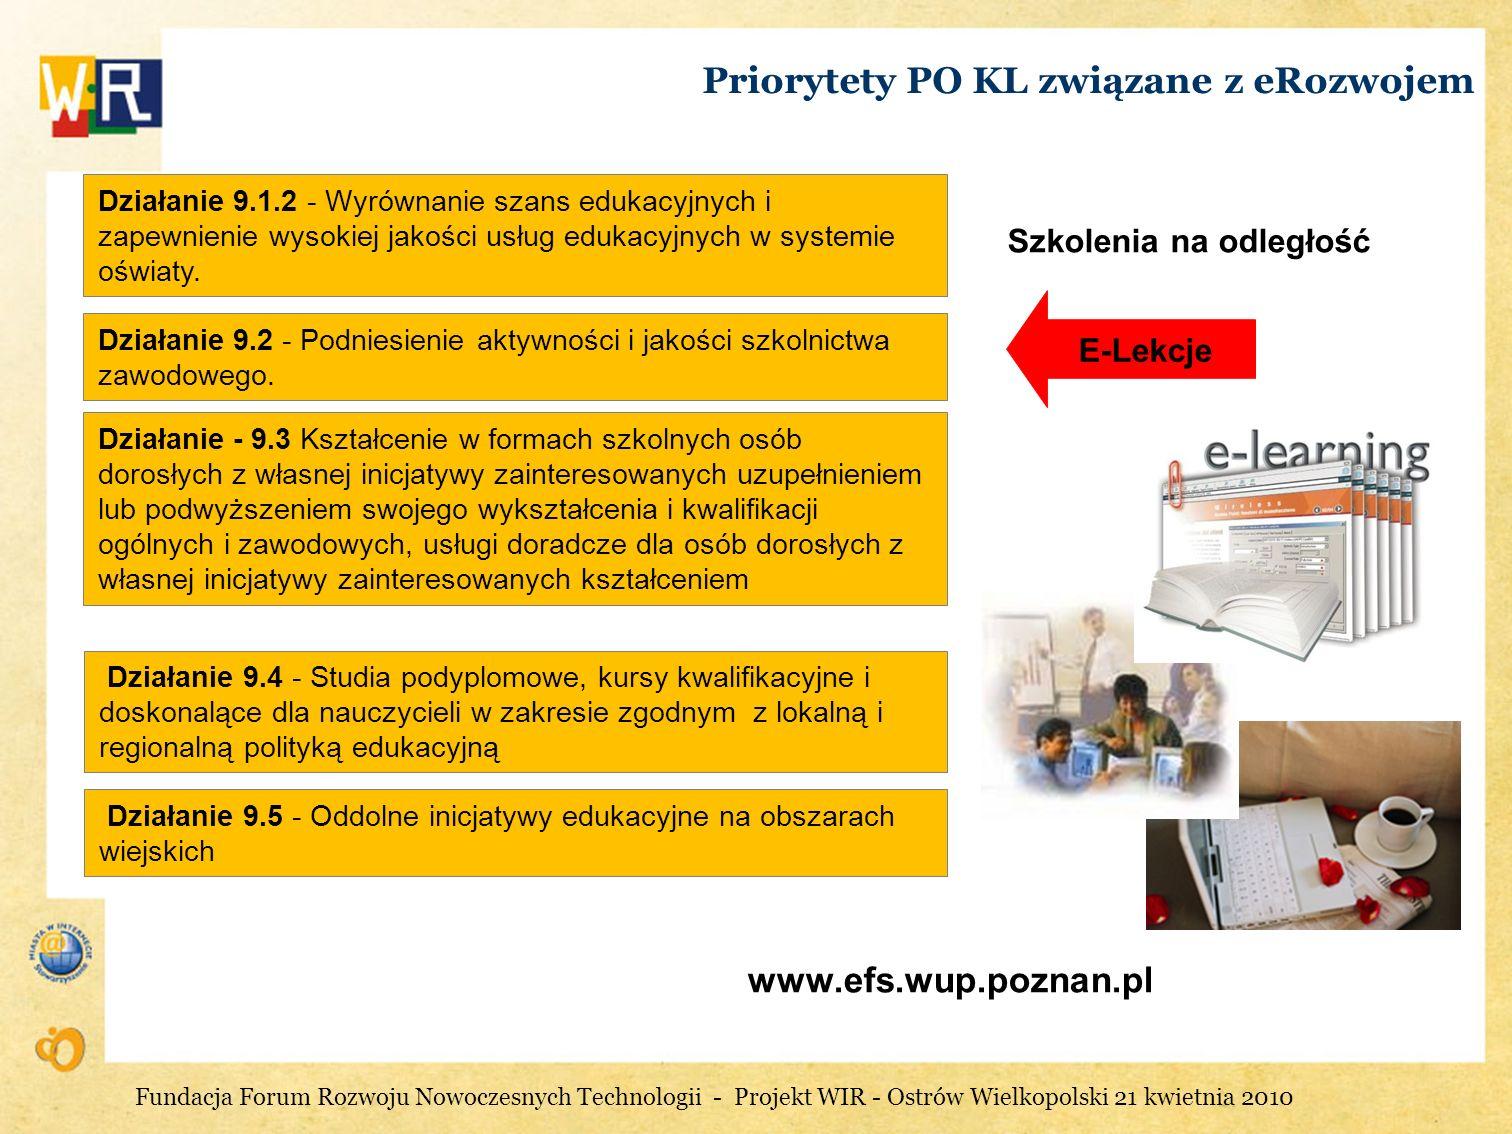 Priorytety PO KL związane z eRozwojem www.efs.wup.poznan.pl Działanie - 9.3 Kształcenie w formach szkolnych osób dorosłych z własnej inicjatywy zainte